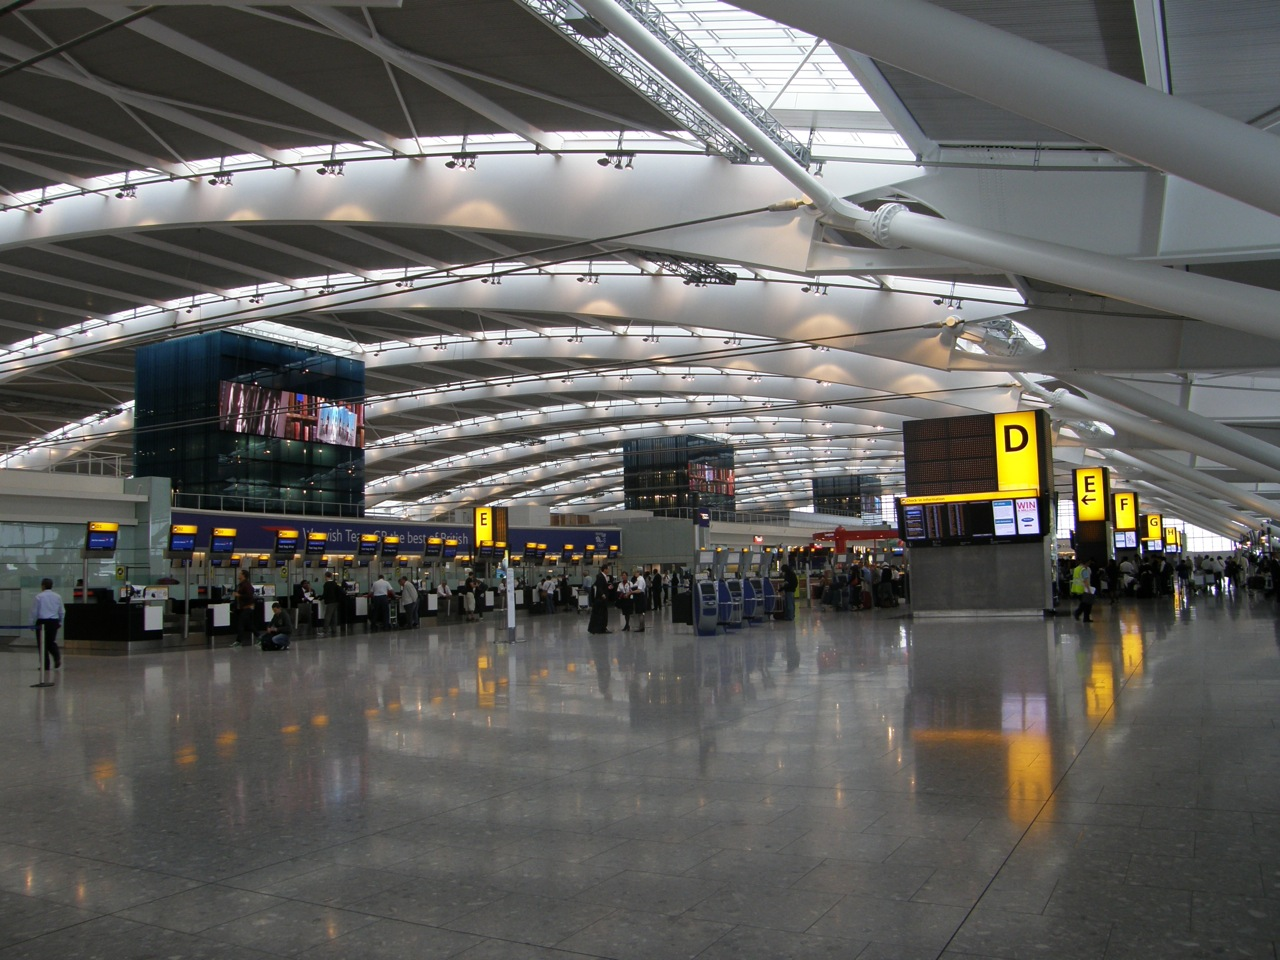 Пересадка в Лондоне: нужна ли транзитная виза в Великобританию